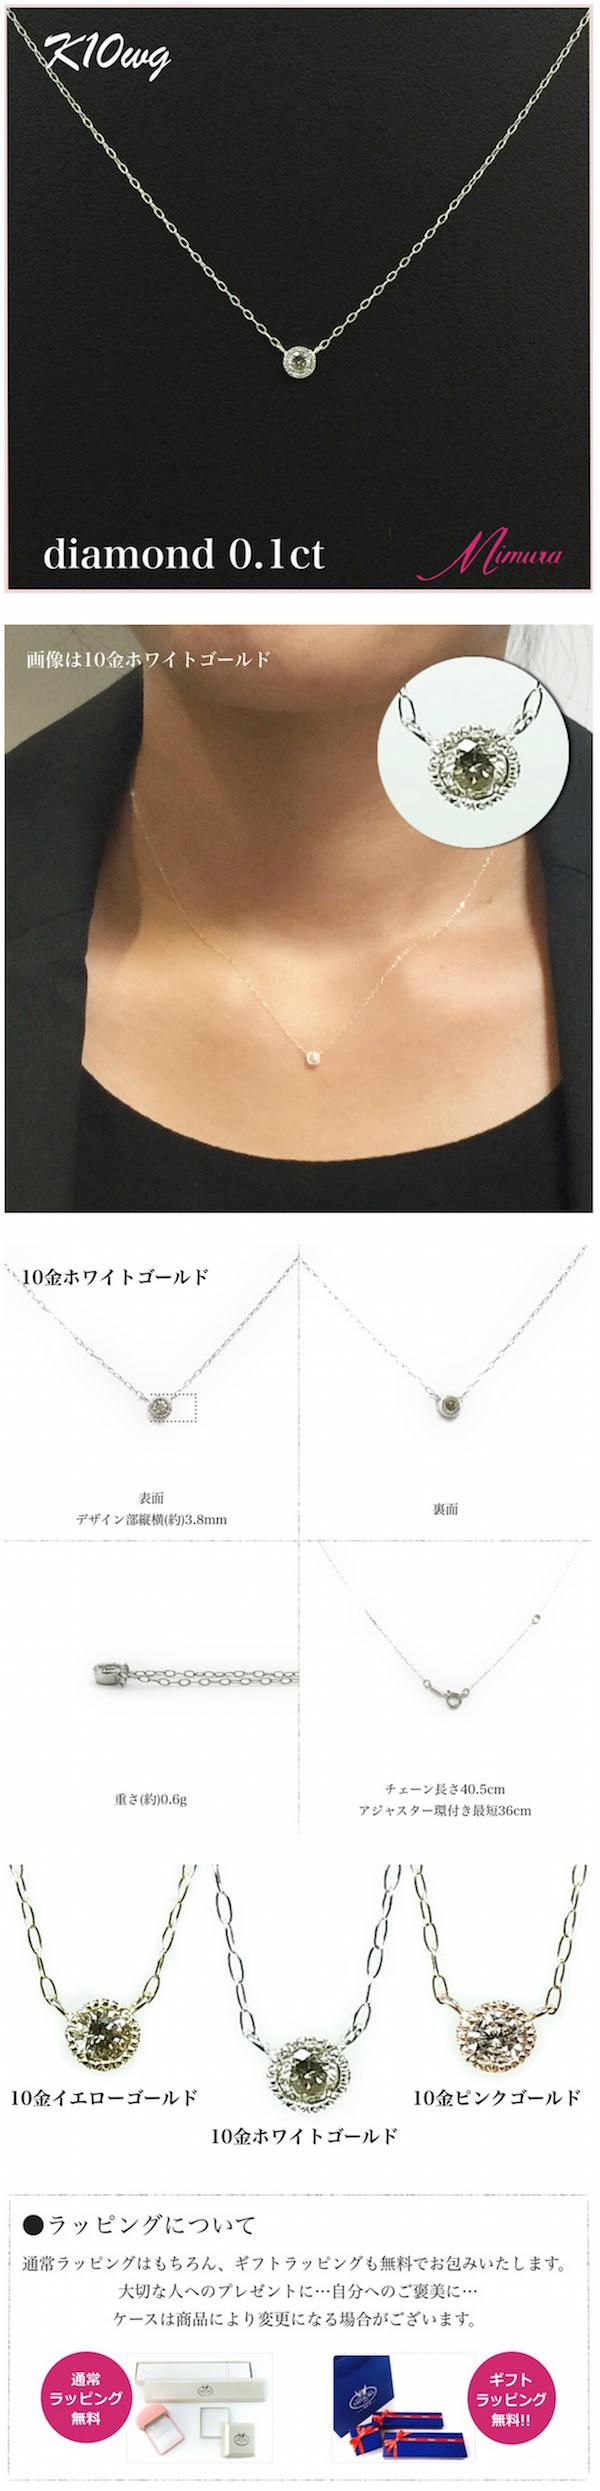 ダイヤモンド0.1ct一粒プチネックレス